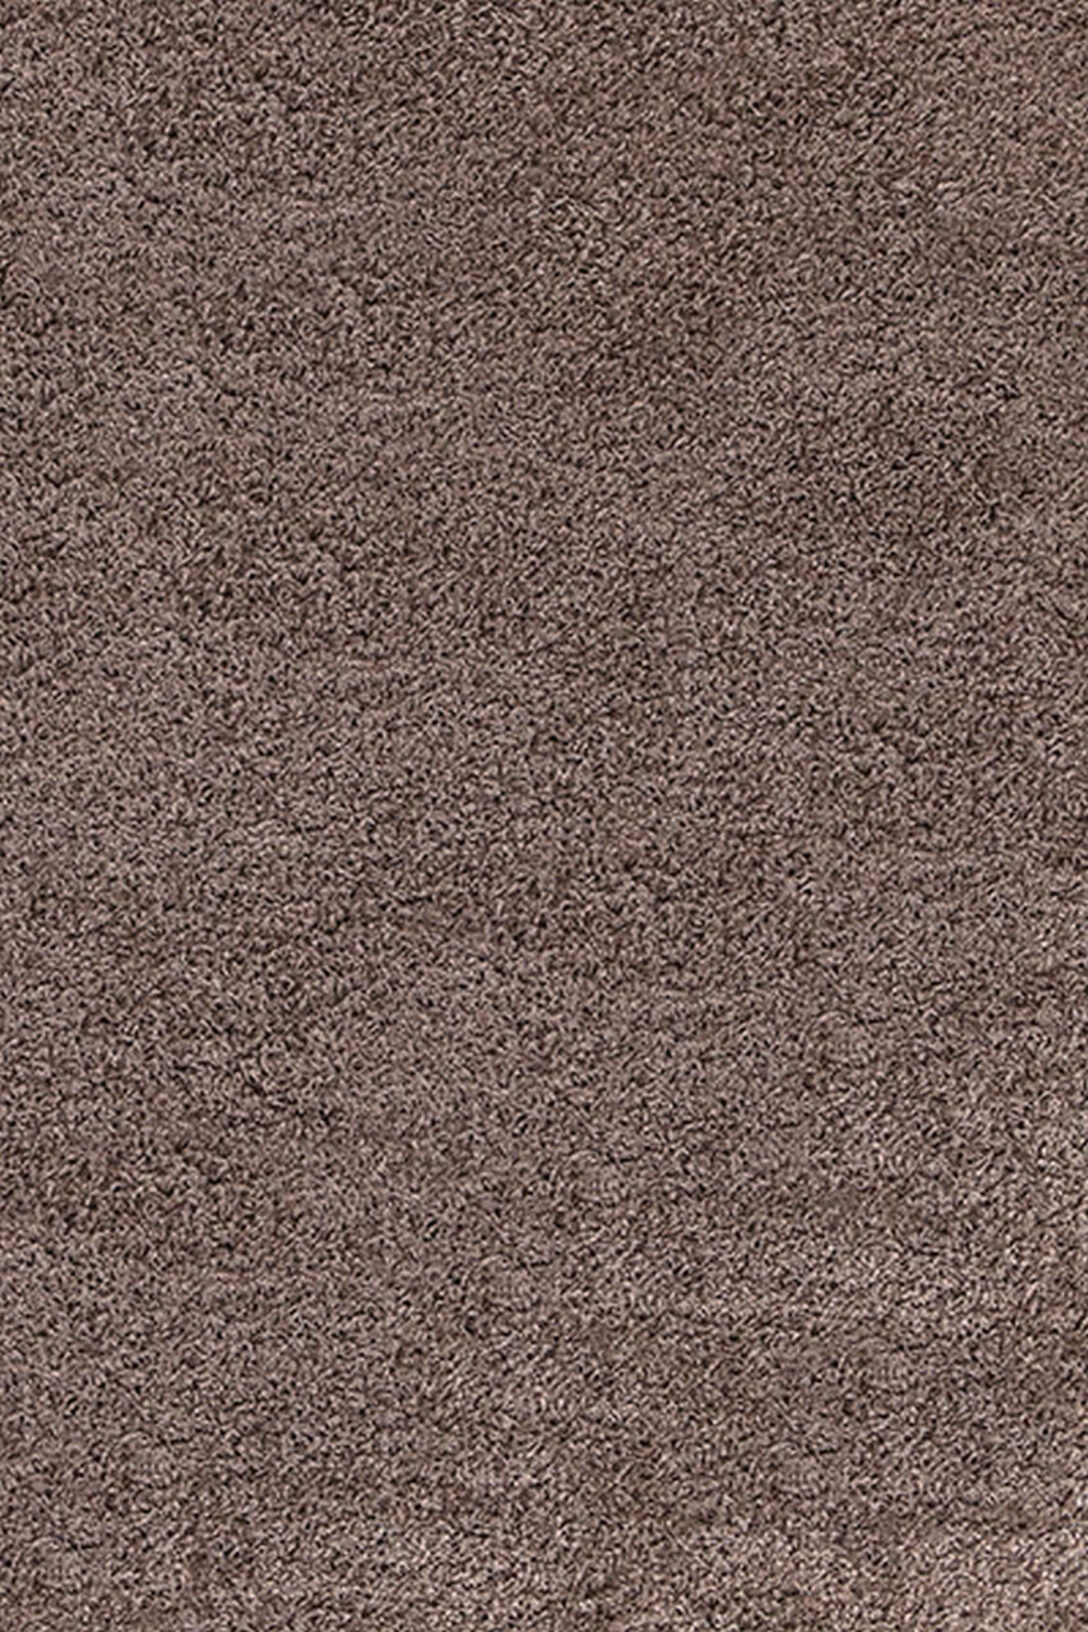 Large Size of Moderner Designer Teppich Life 1500 Esstisch Schlafzimmer Küche Für Steinteppich Bad Badezimmer Wohnzimmer Teppiche Wohnzimmer Teppich 300x400